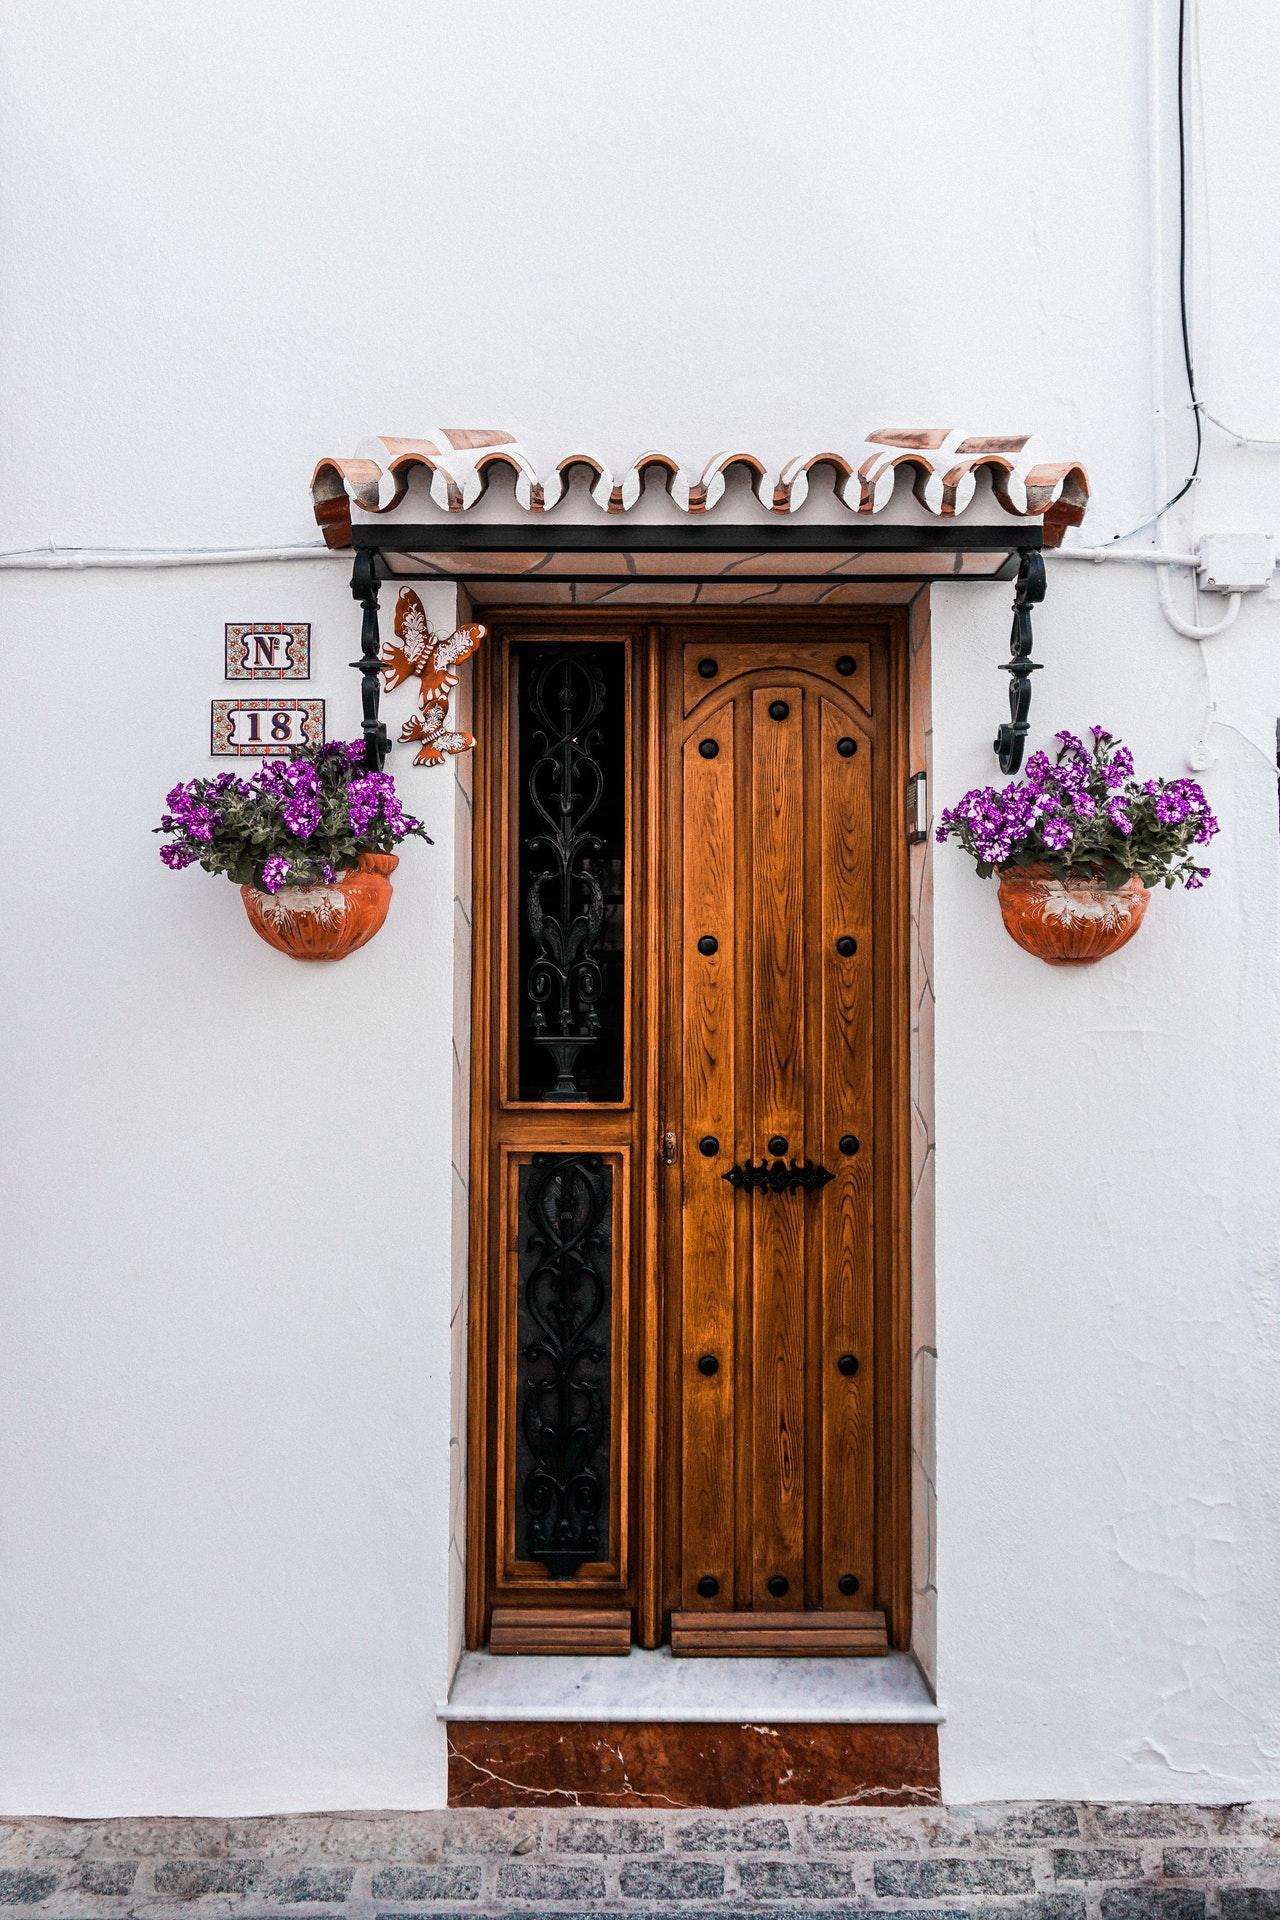 Hoe geef jij je woning een nieuwe uitstraling?